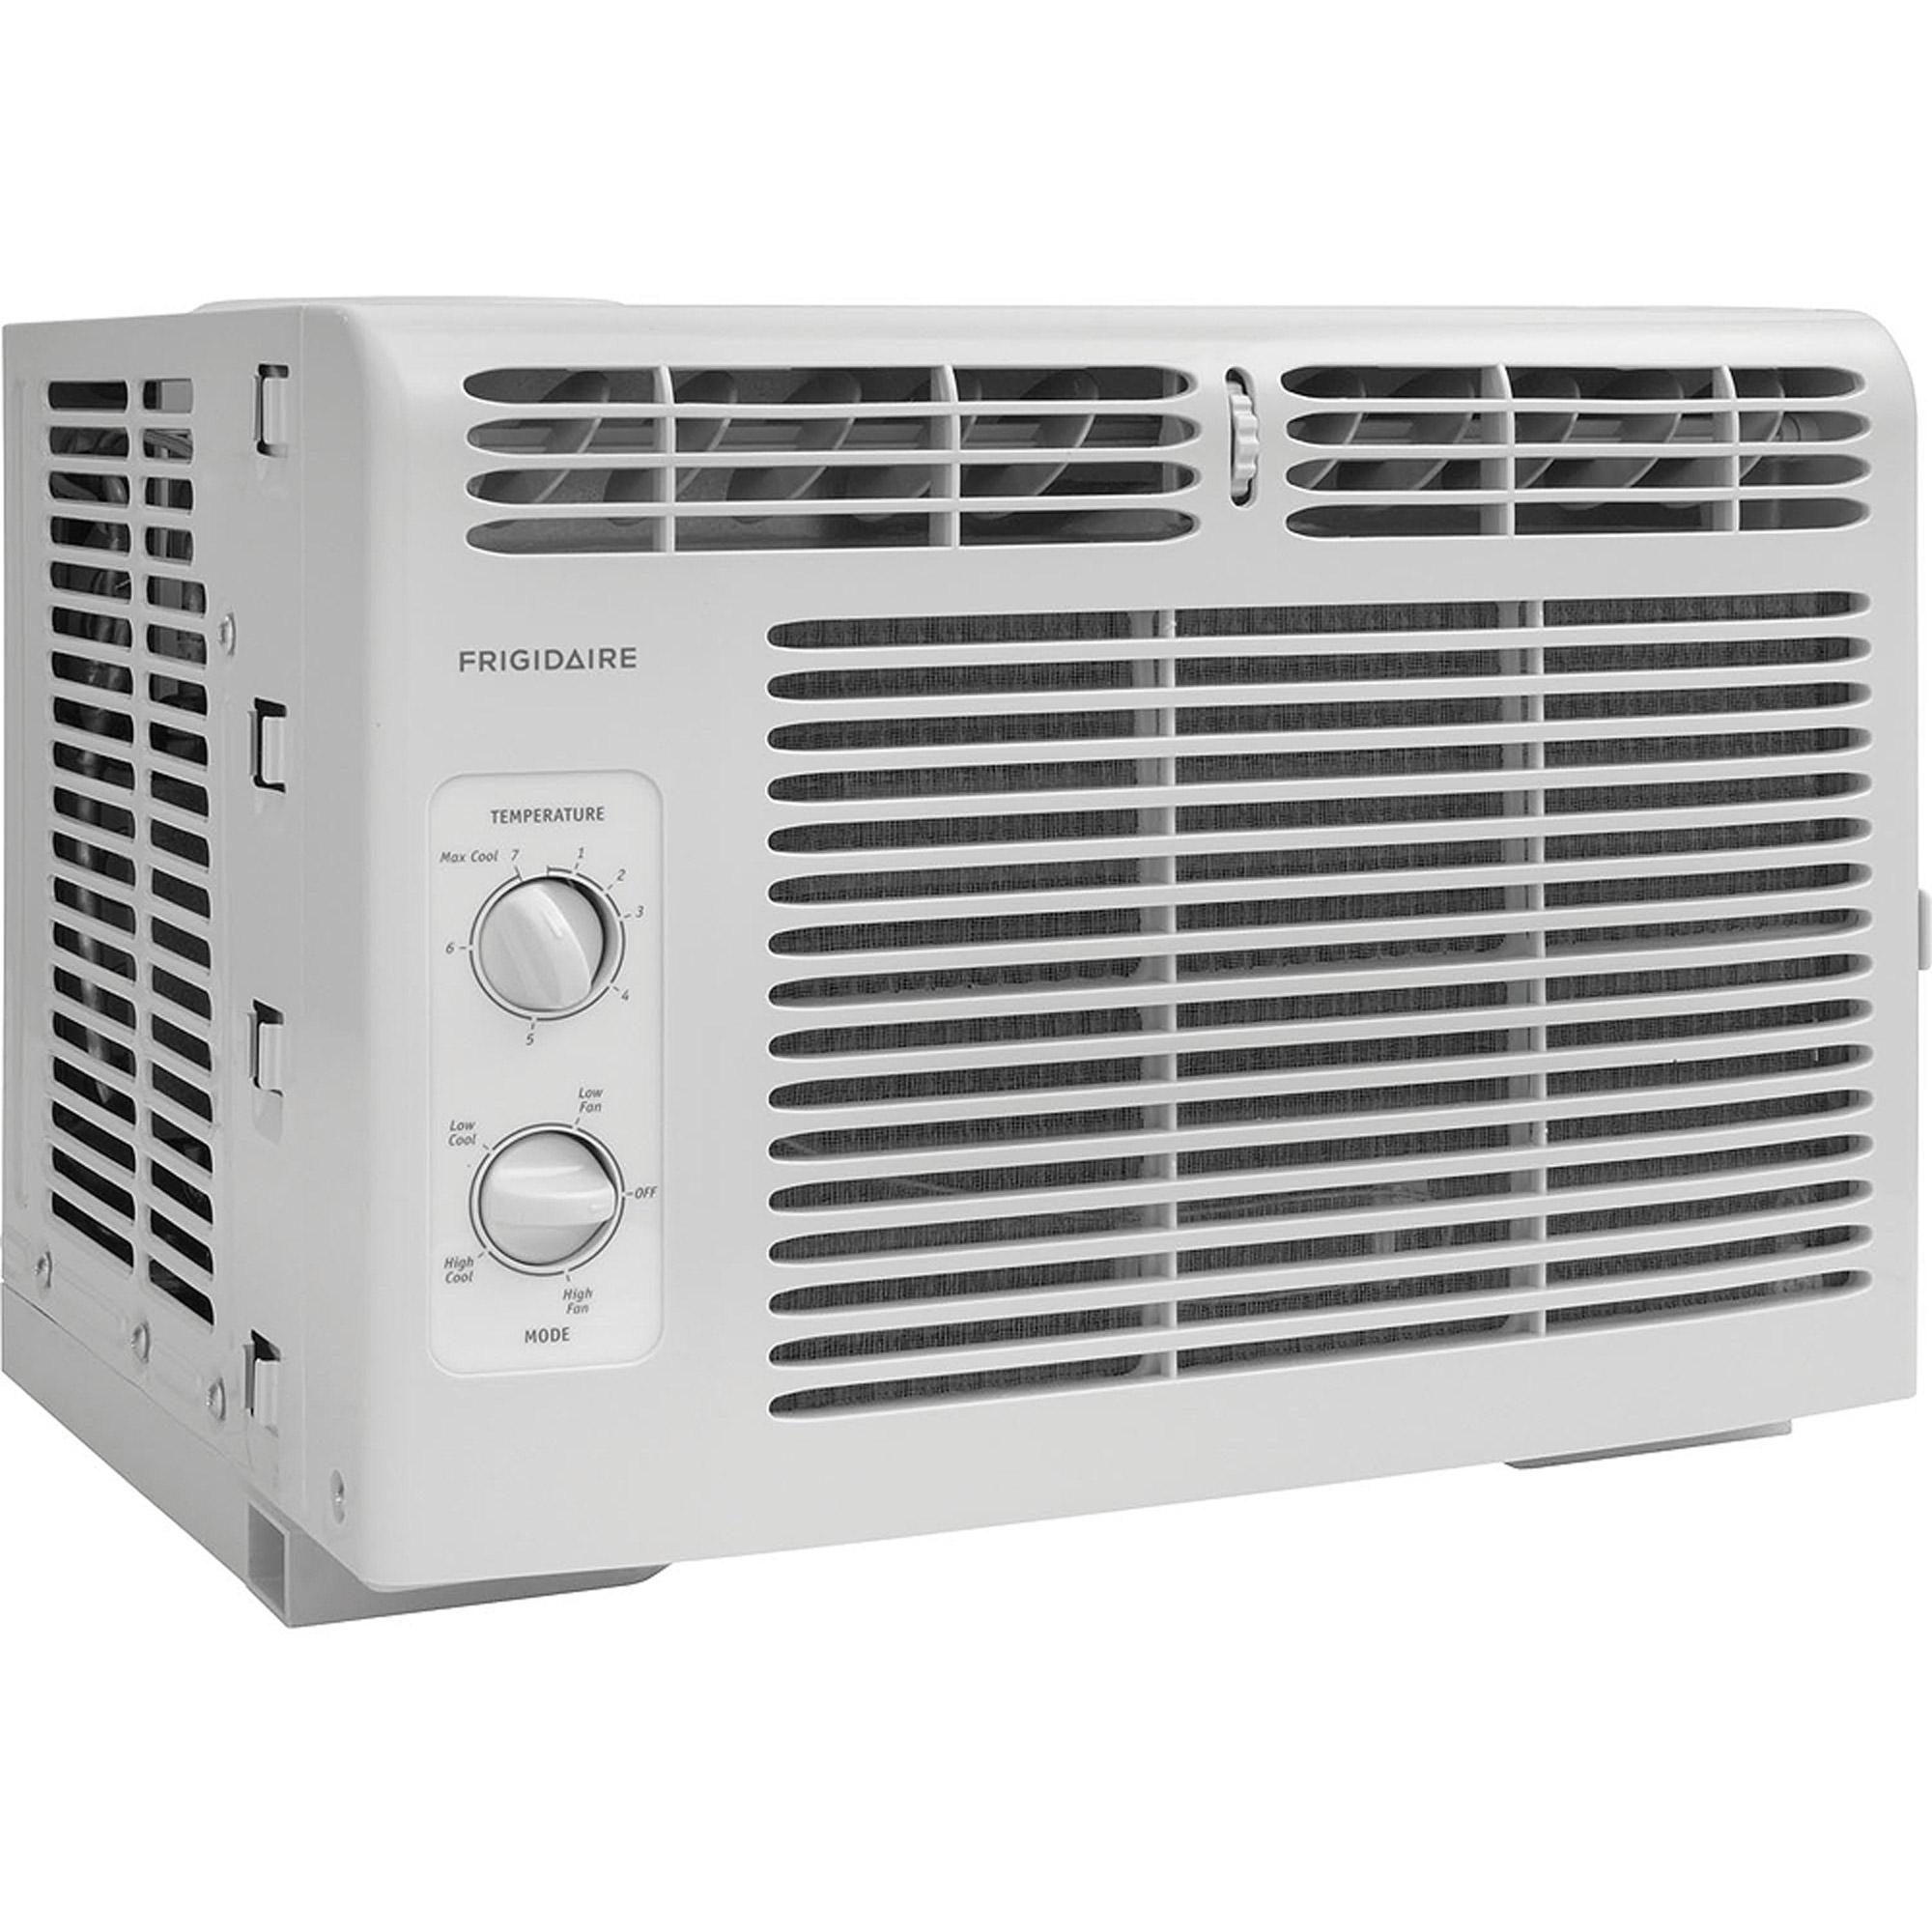 frigidaire btu window air conditioner 115v ffra0511r1 walmartcom